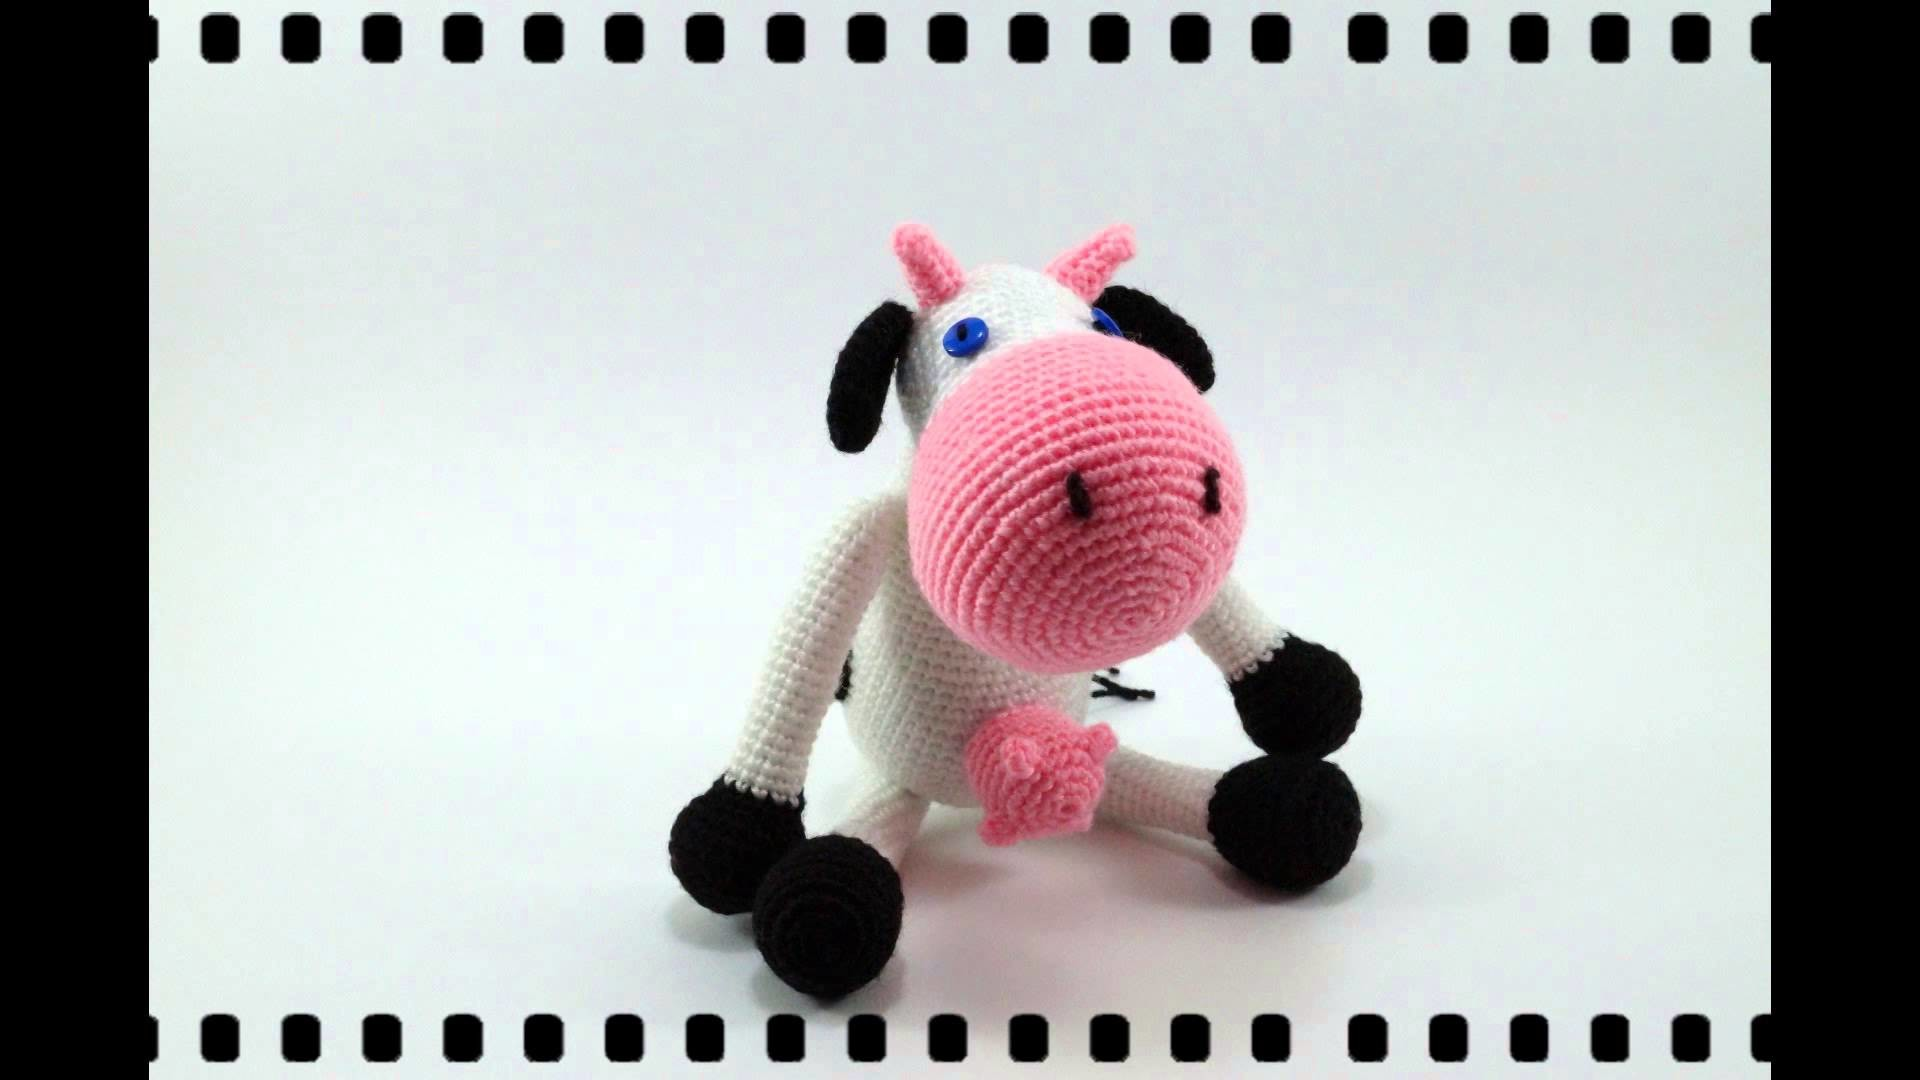 Amigurumi Vaca Pink Crochet, My Crafts and DIY Projects